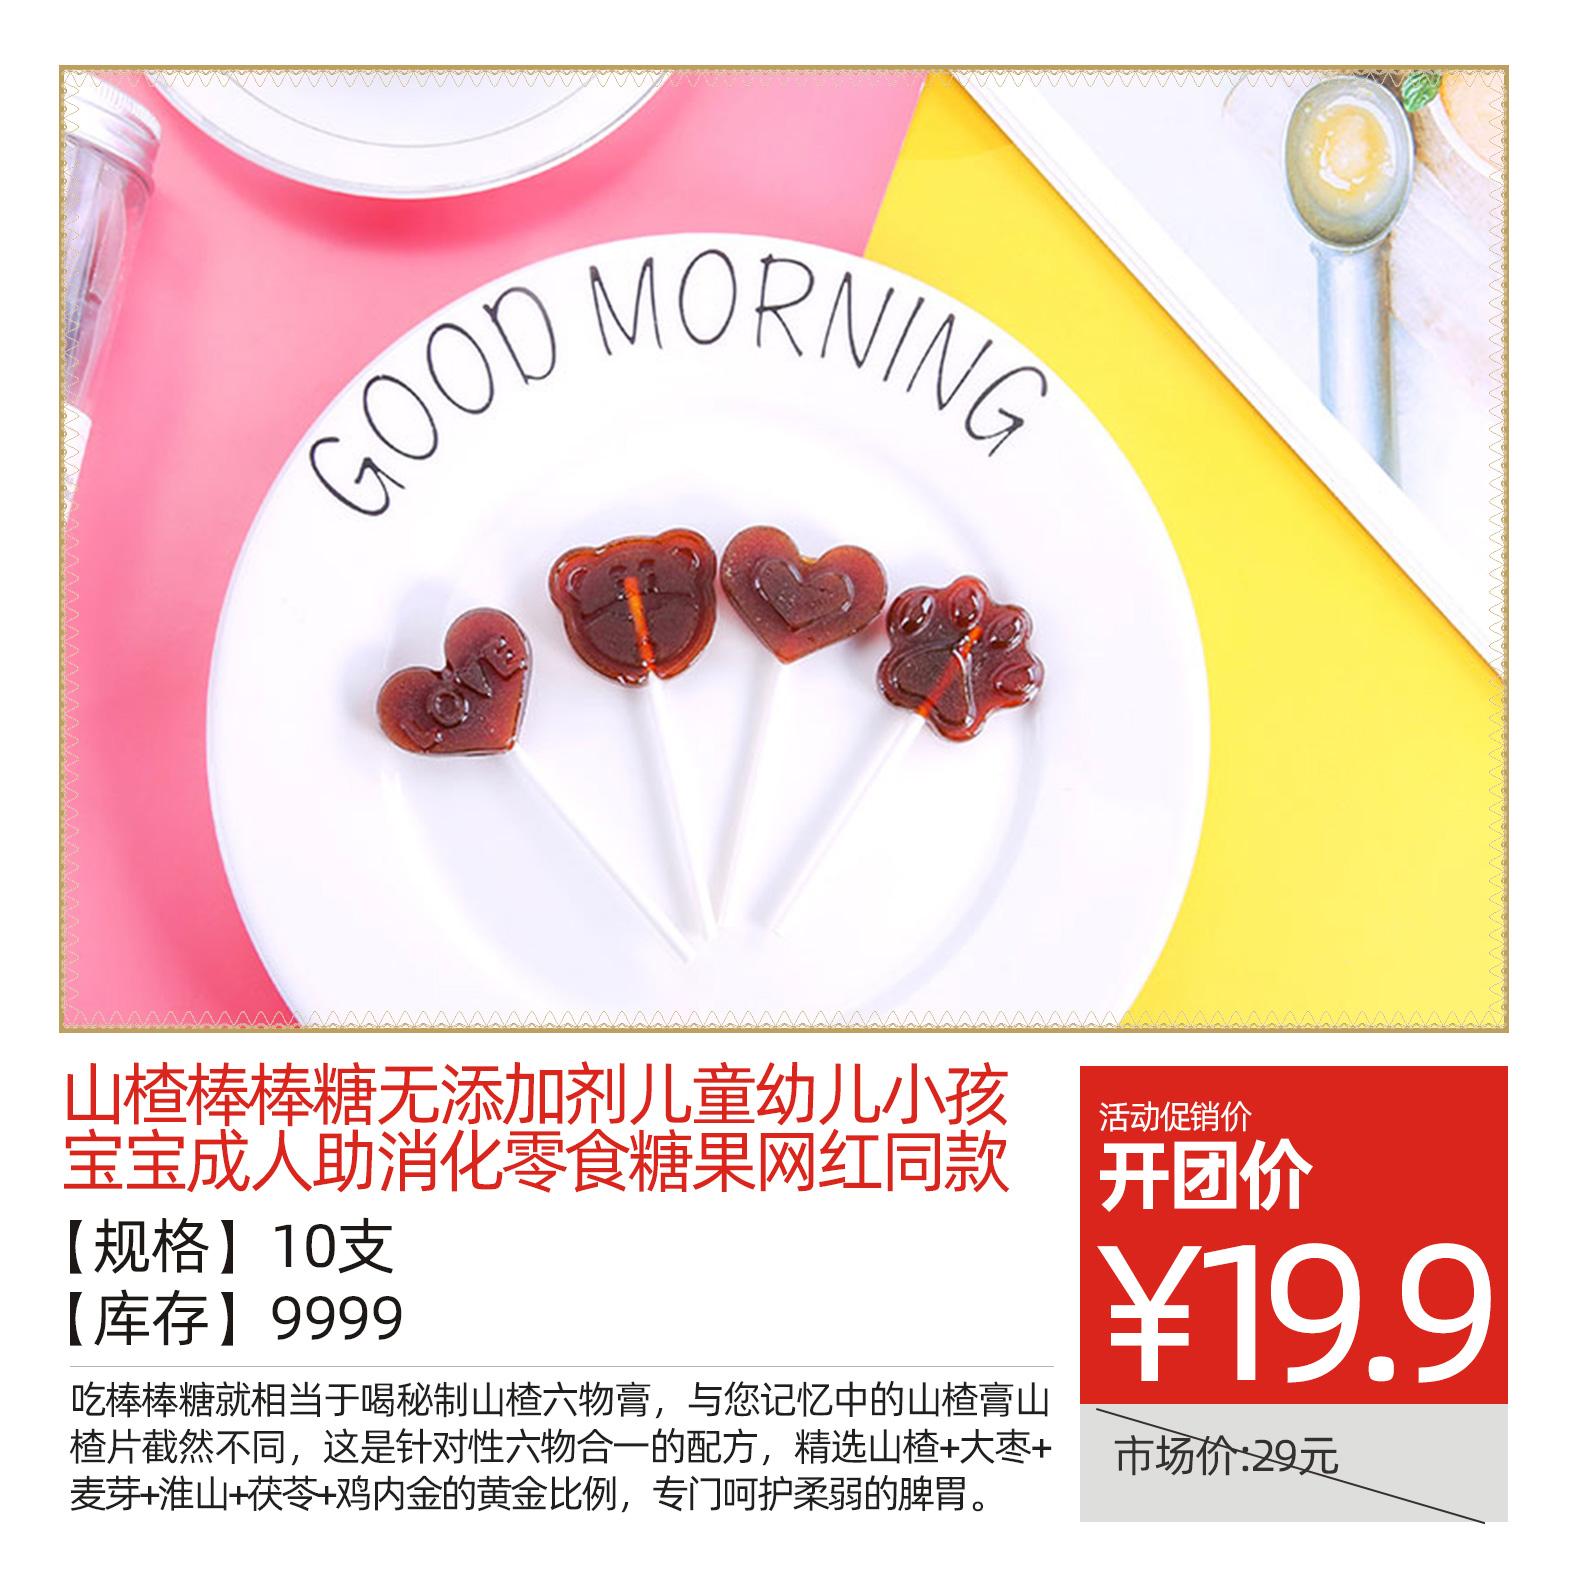 山楂棒棒糖无添加剂儿童幼儿小孩宝宝成人助消化零食糖果网红同款